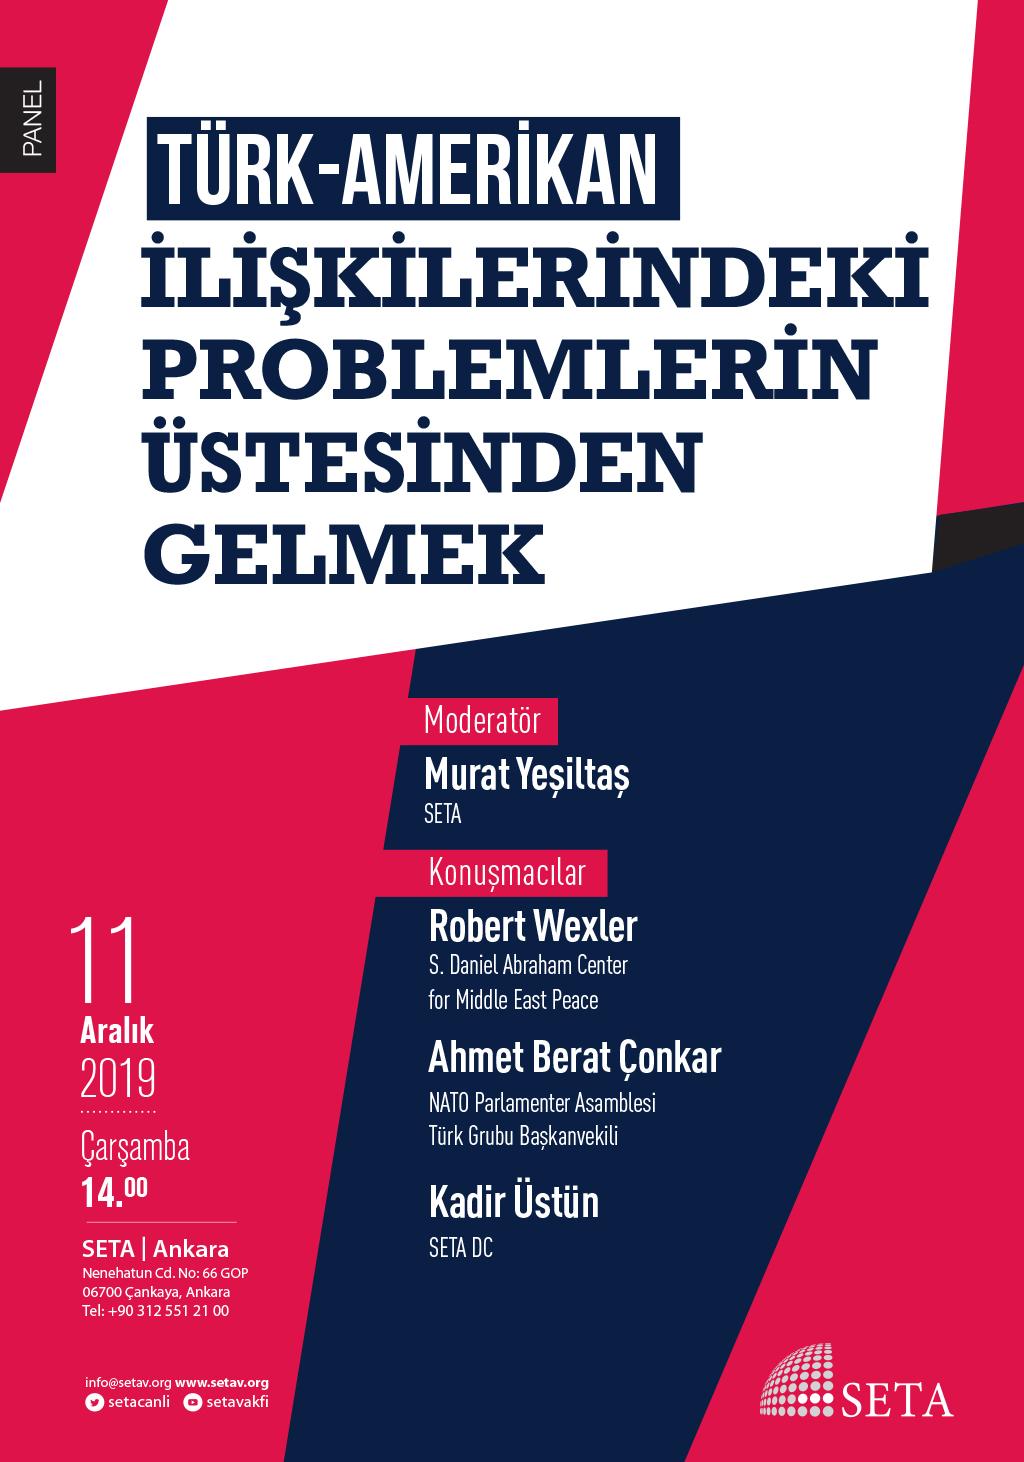 Panel: Türk-Amerikan İlişkilerindeki Problemlerin Üstesinden Gelmek